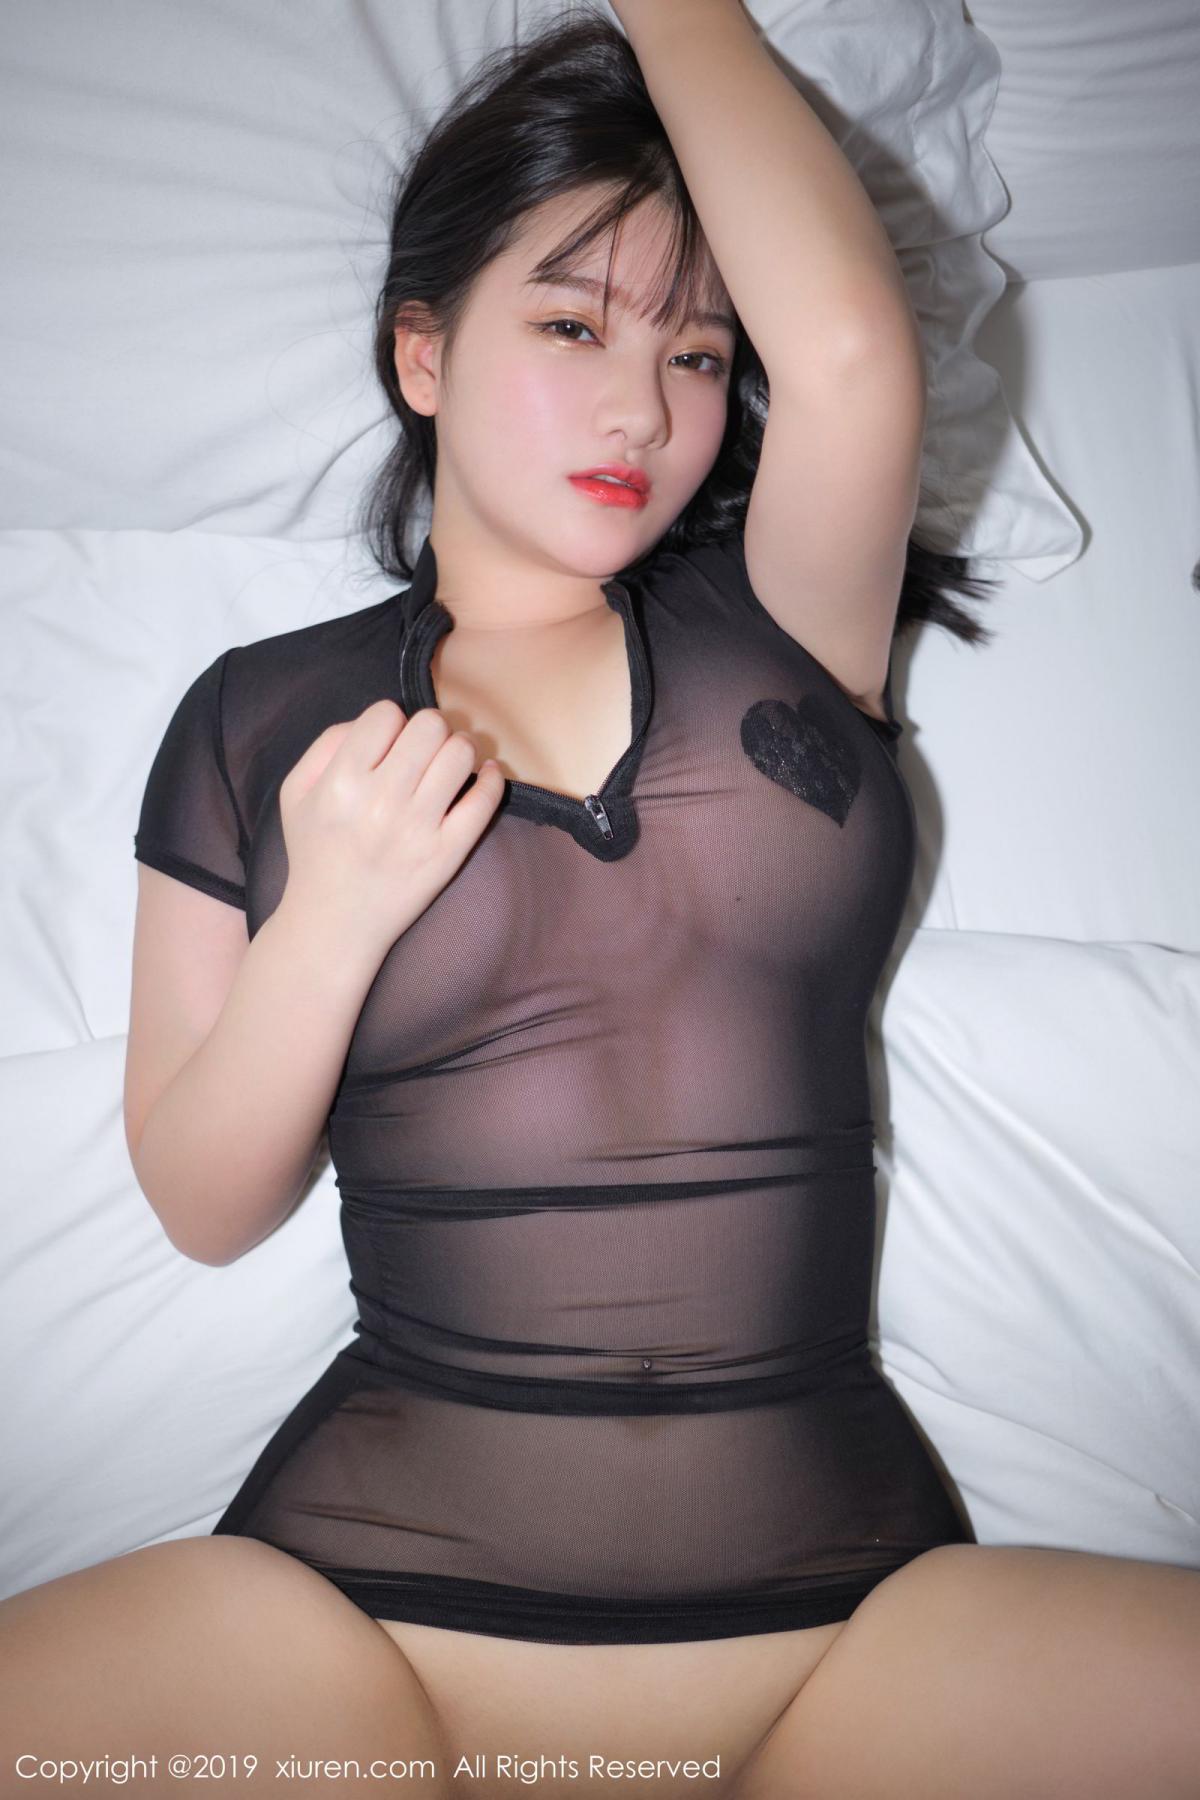 [XiuRen] Vol.1824 Lu Lu Xiao Miao 50P, Baby Face Big Boobs, Lu Lu Xiao Miao, Maid, Xiuren